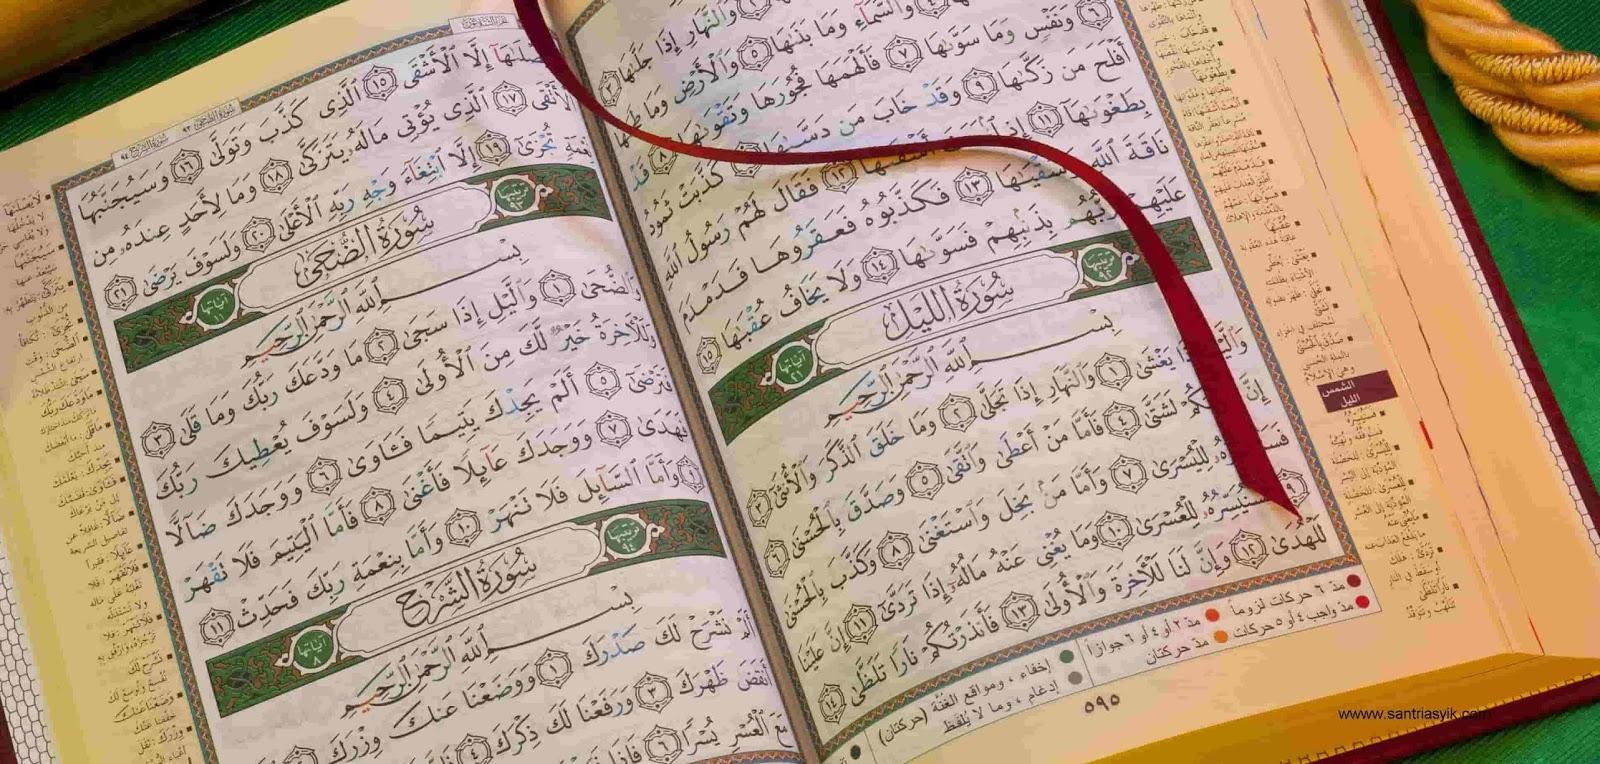 Doa Khatam Al-Quran Lengkap, Berikut dengan Keistimewaannya